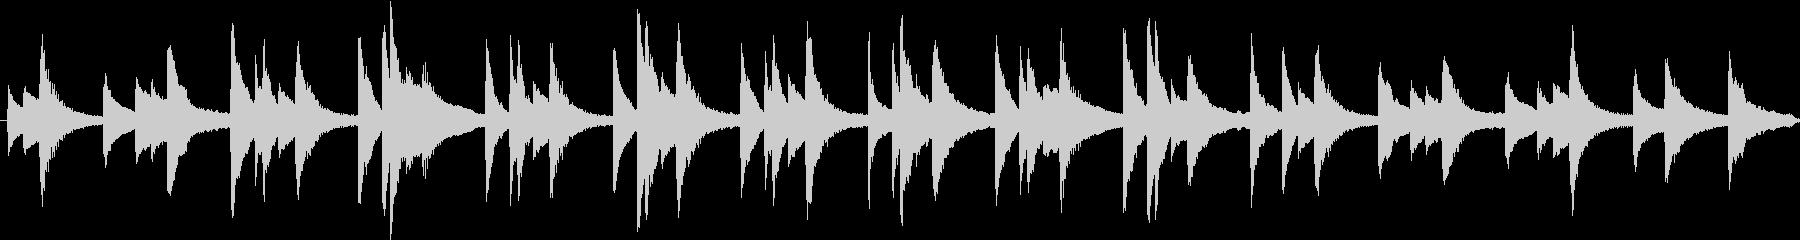 ゆったりと明るく爽やかなピアノBGMの未再生の波形